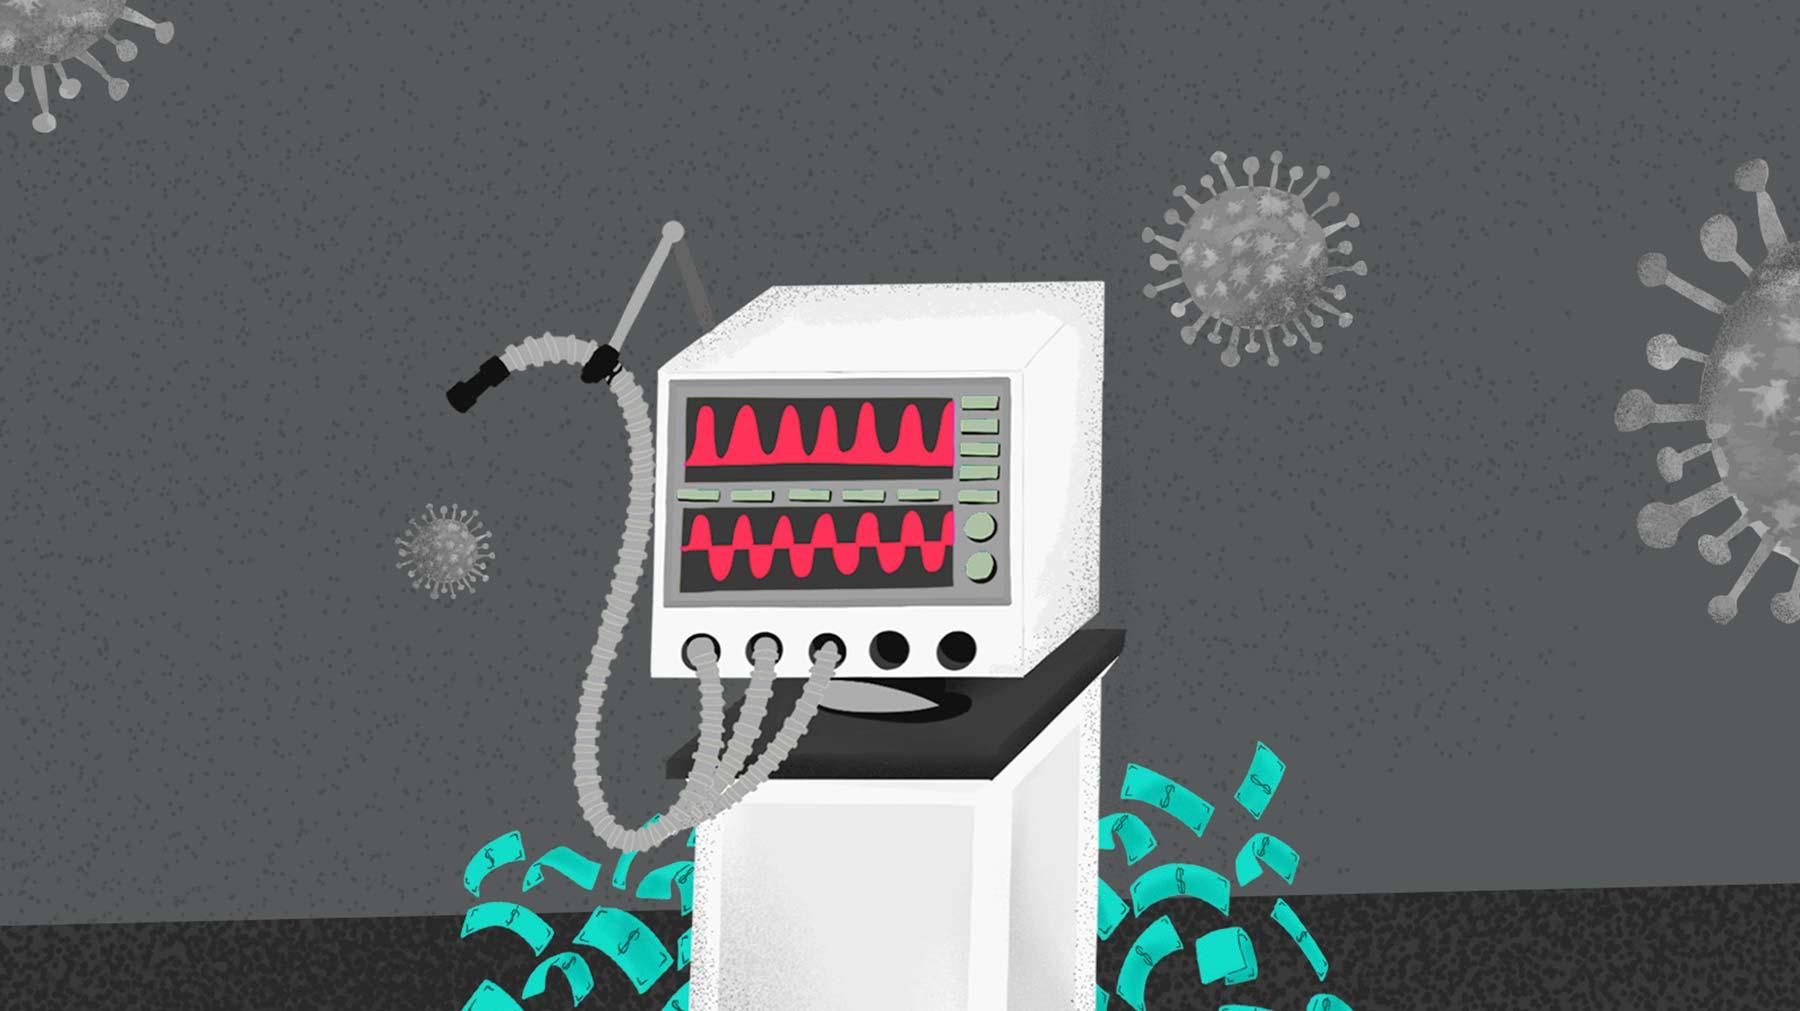 Insumos para salvar vidas: entre la corrupción y el conflicto de interés